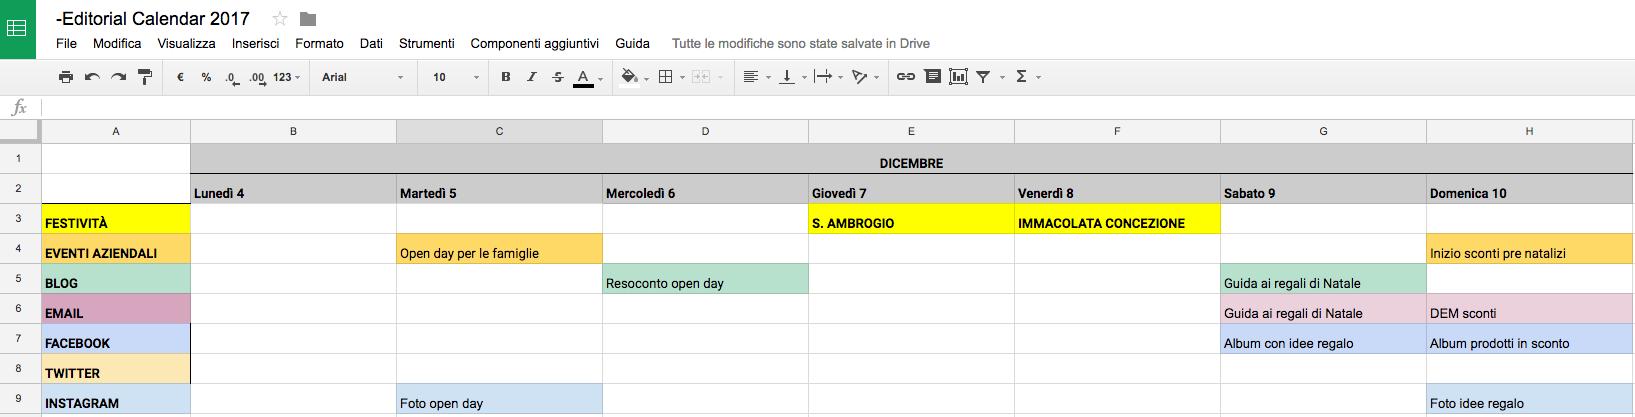 Esempio Calendario.Come Creare Un Calendario Editoriale Per L Autunno Mailup Blog